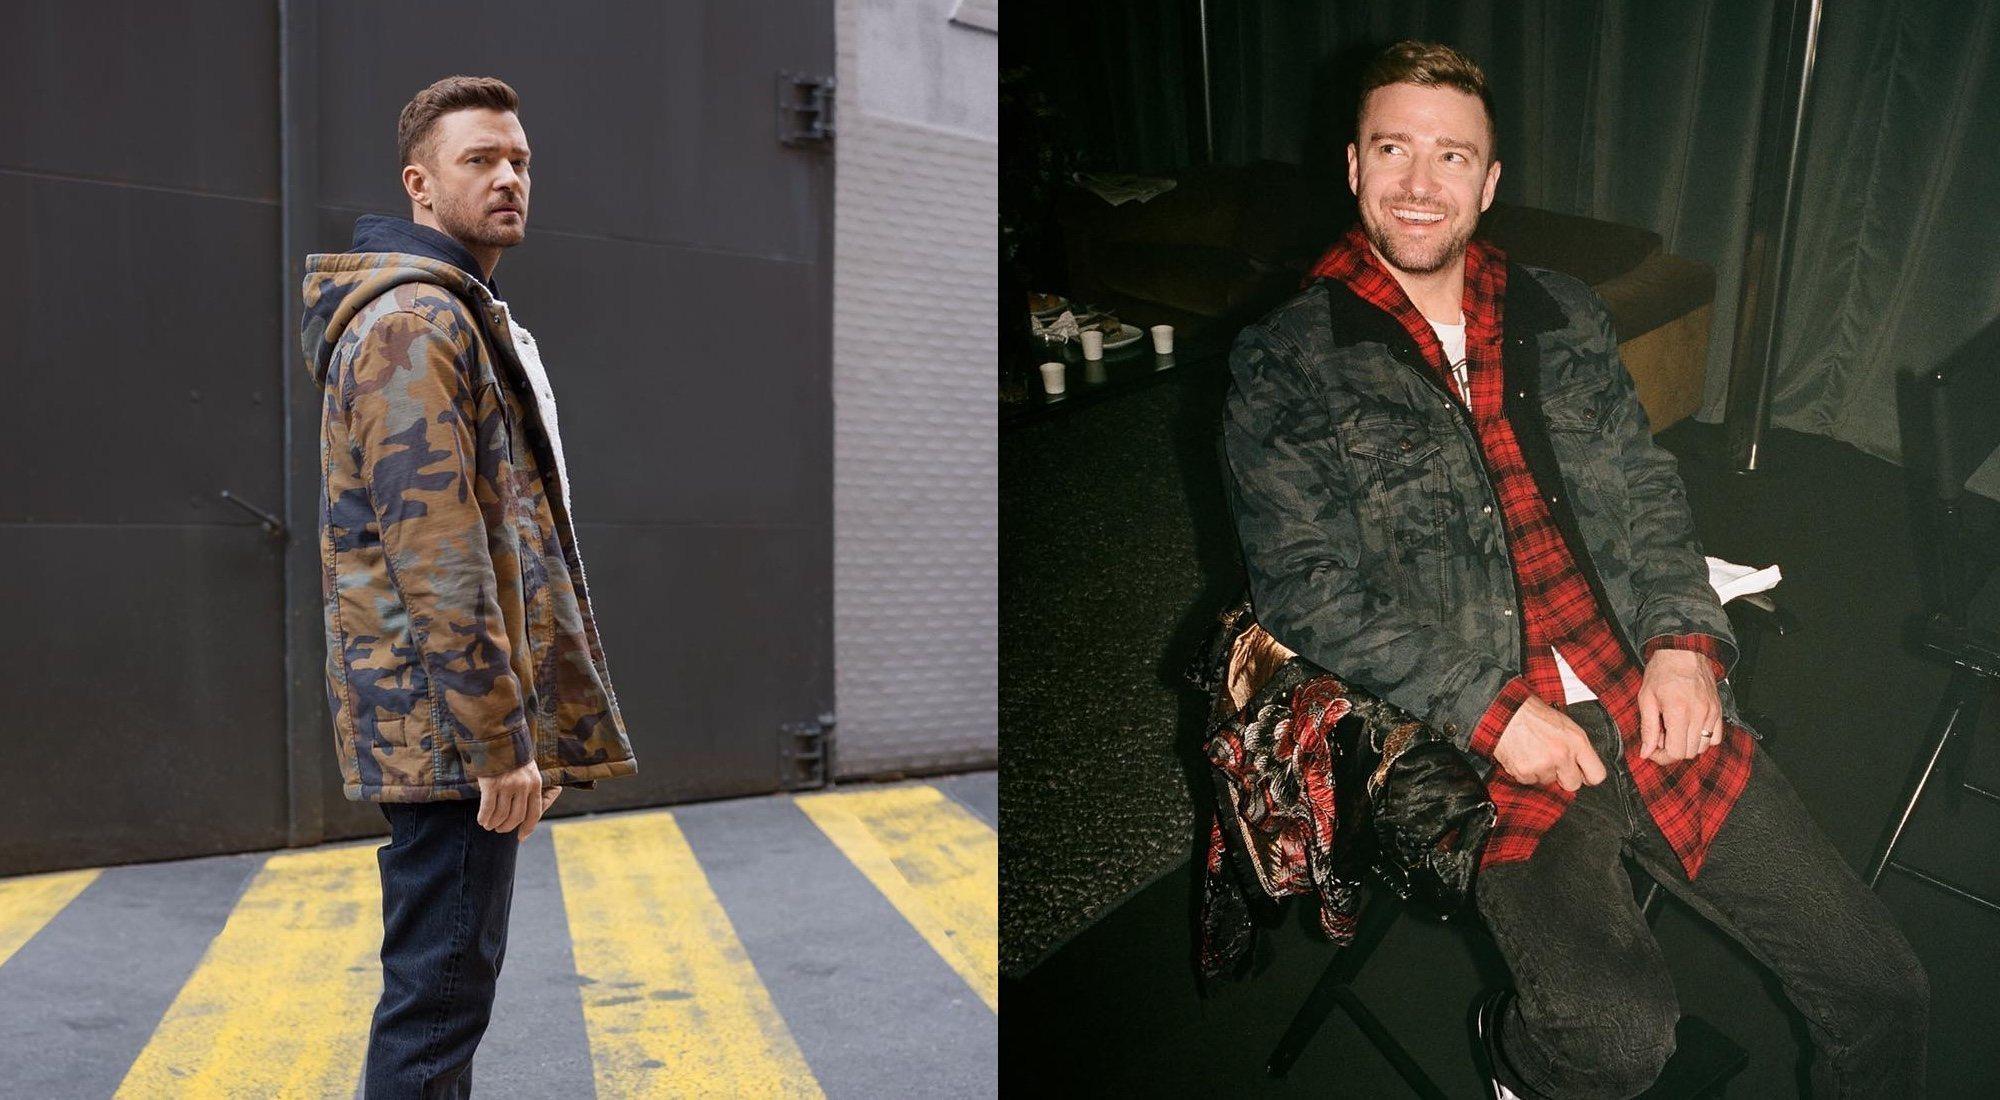 El caso de Justin Timberlake, o cómo un antiguo ídolo femenino se ha convertido en icono masculino de la moda